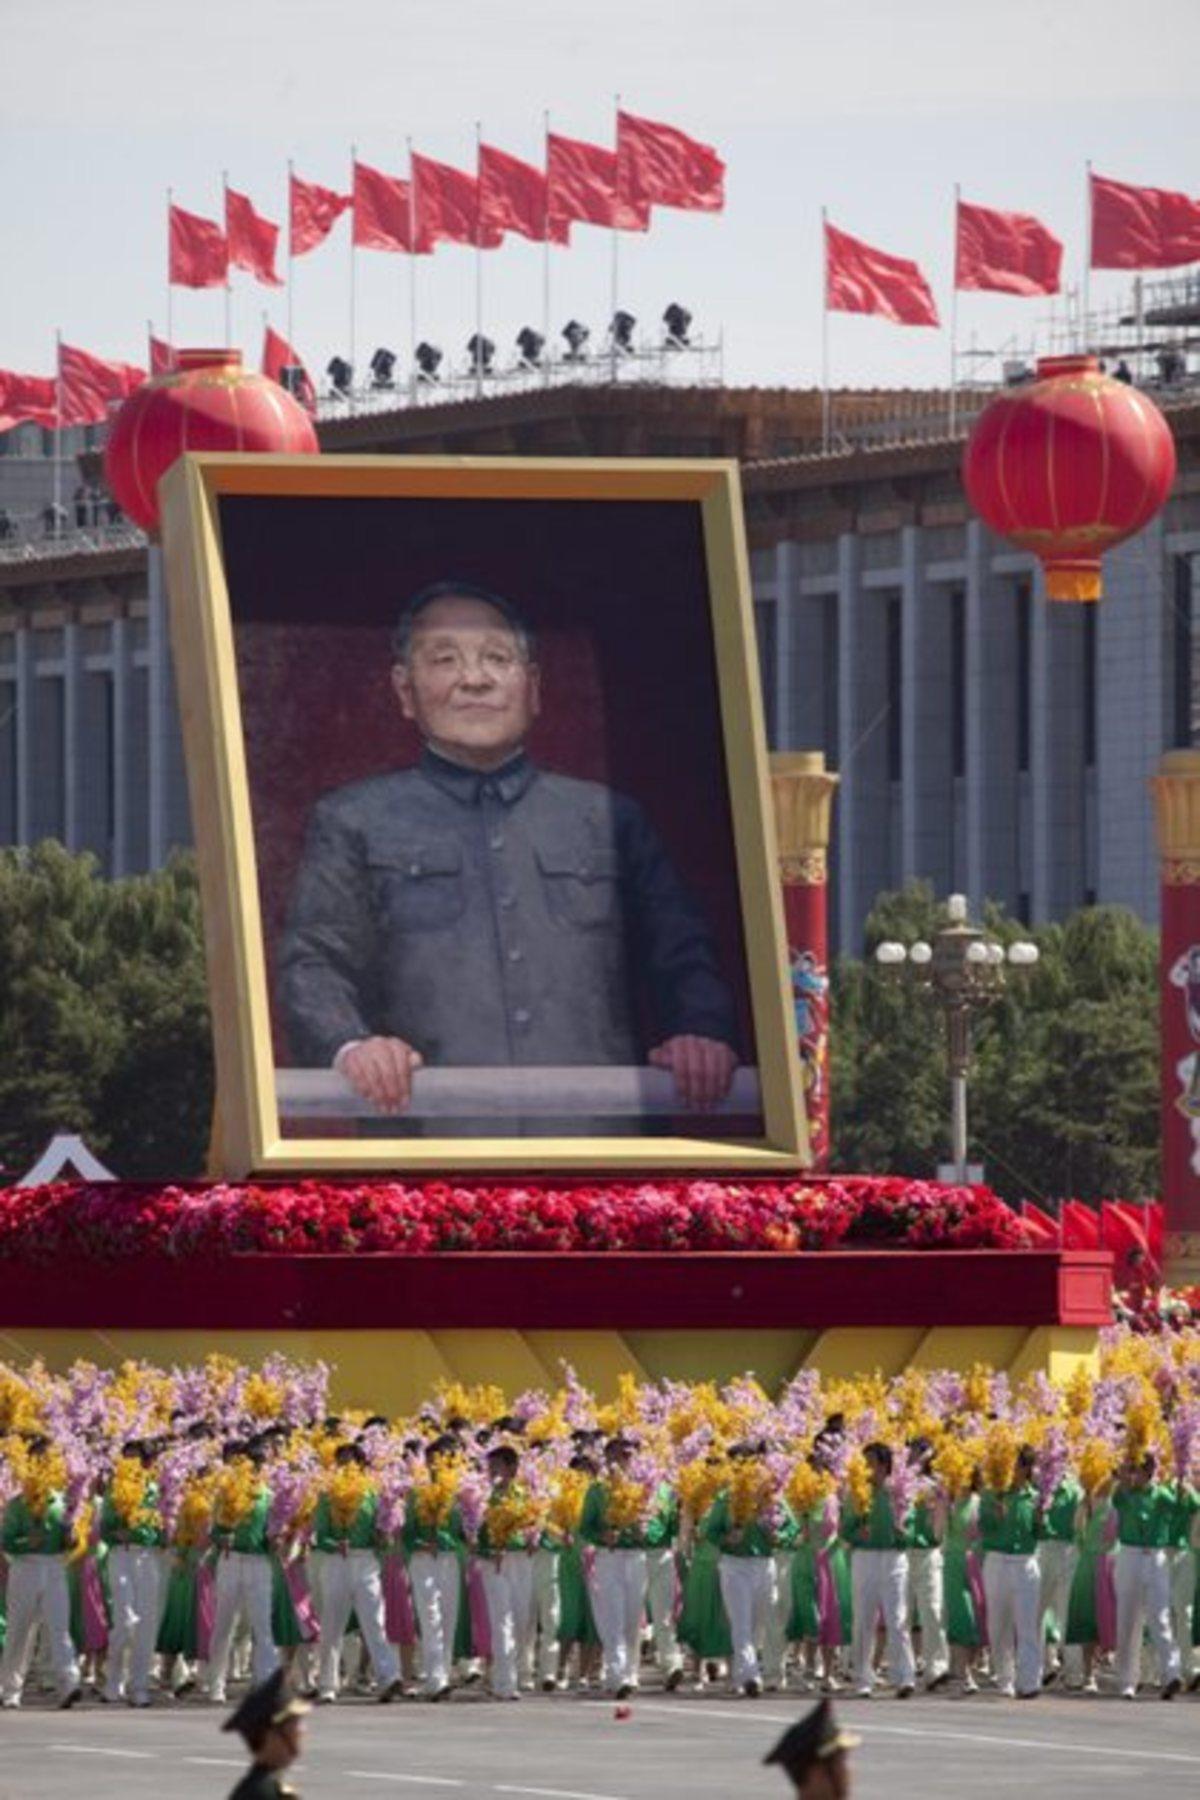 Επίδειξη ισχύος από την Κίνα παρά την οικονομική κρίση